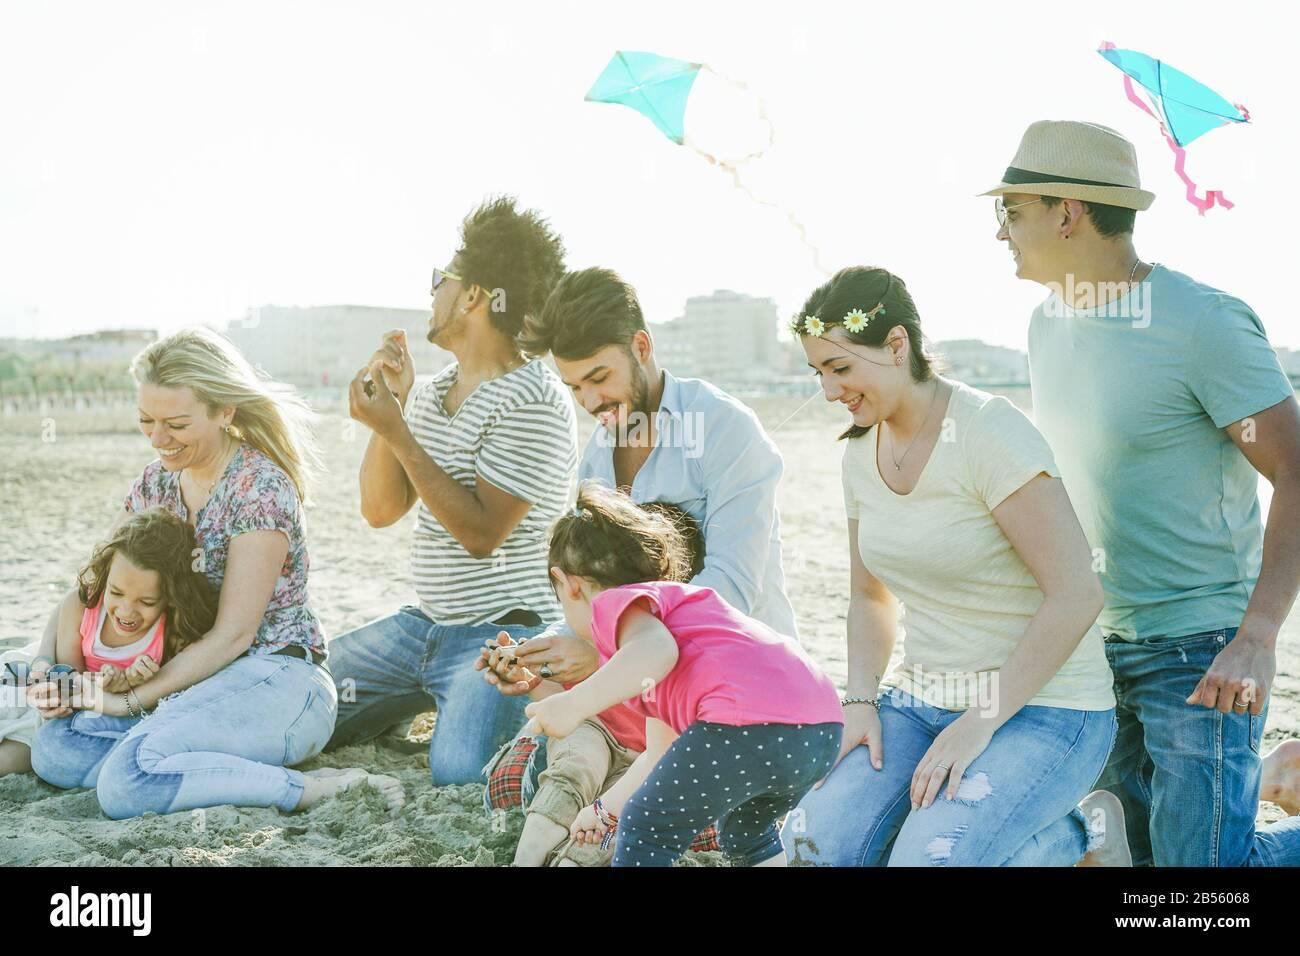 Familien mit Kindern, die bei Sonnenuntergang mit Drachen am Strand fliegen - Erwachsene Freunde, die mit Sohn und Töchtern im Sommerurlaub spielen - Weihnachtskonzept - Stockfoto